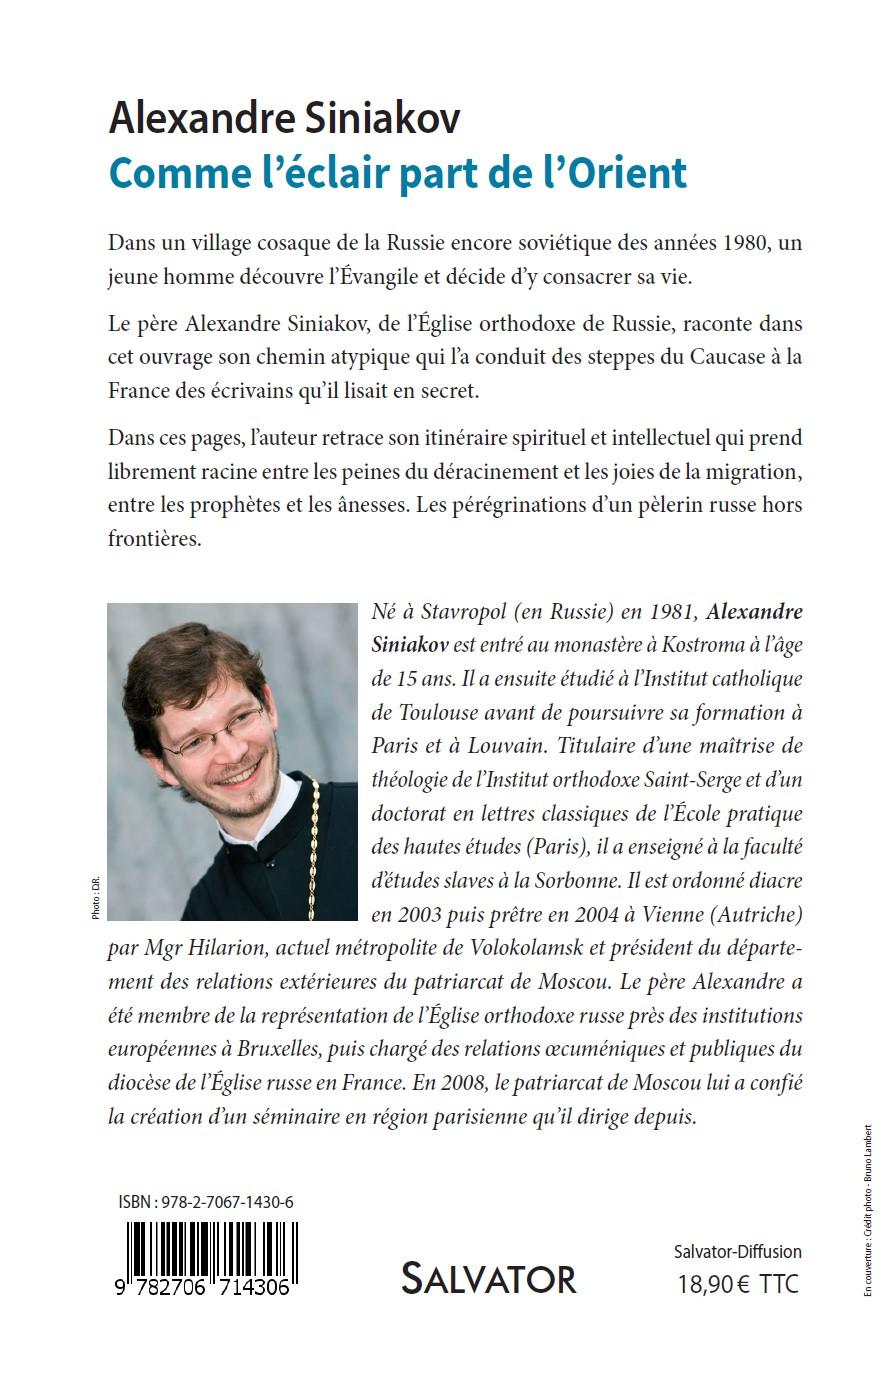 Parution aux Éditions Salvator du livre du P. Alexandre Siniakov: «Comme l'éclair part de l'Orient»